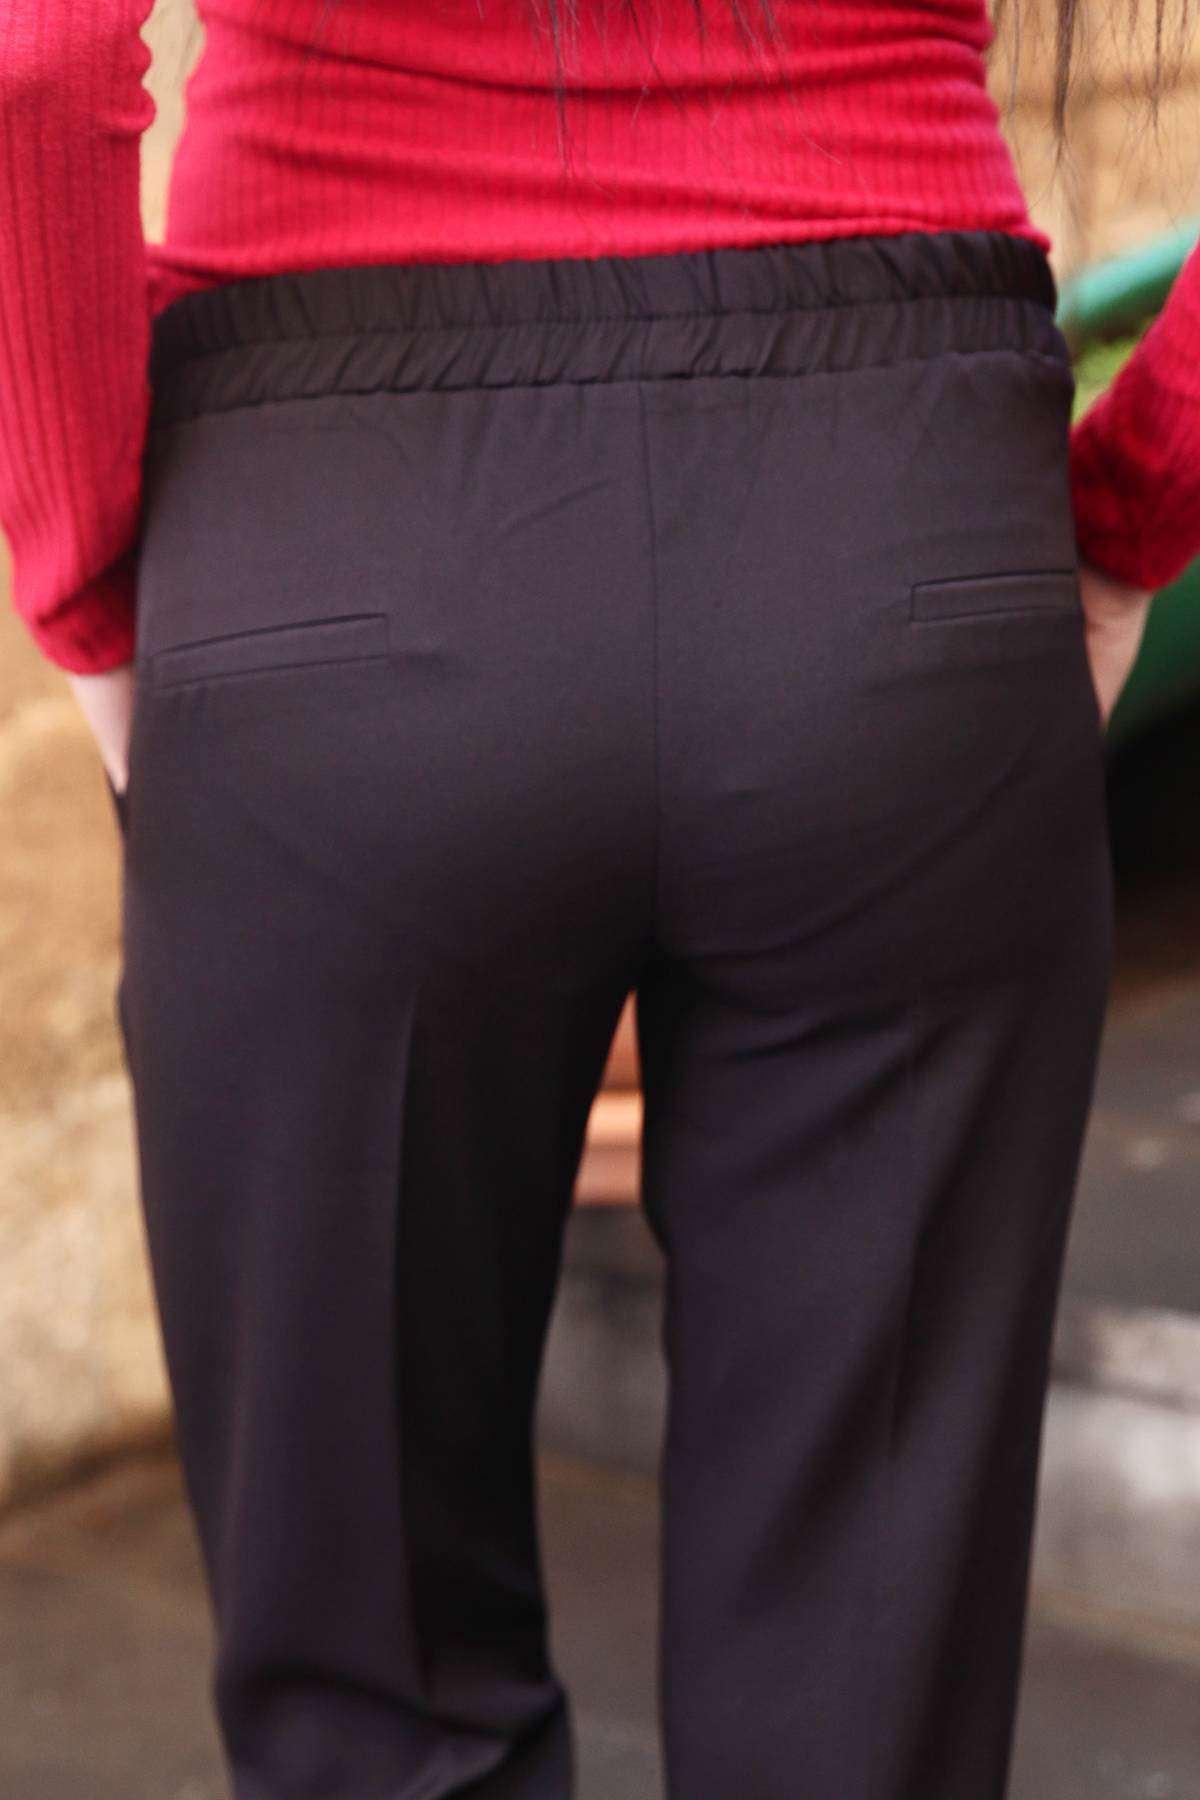 Bel Büzmeli Çift Cep Paça Ucu Katlama Pantolon Siyah